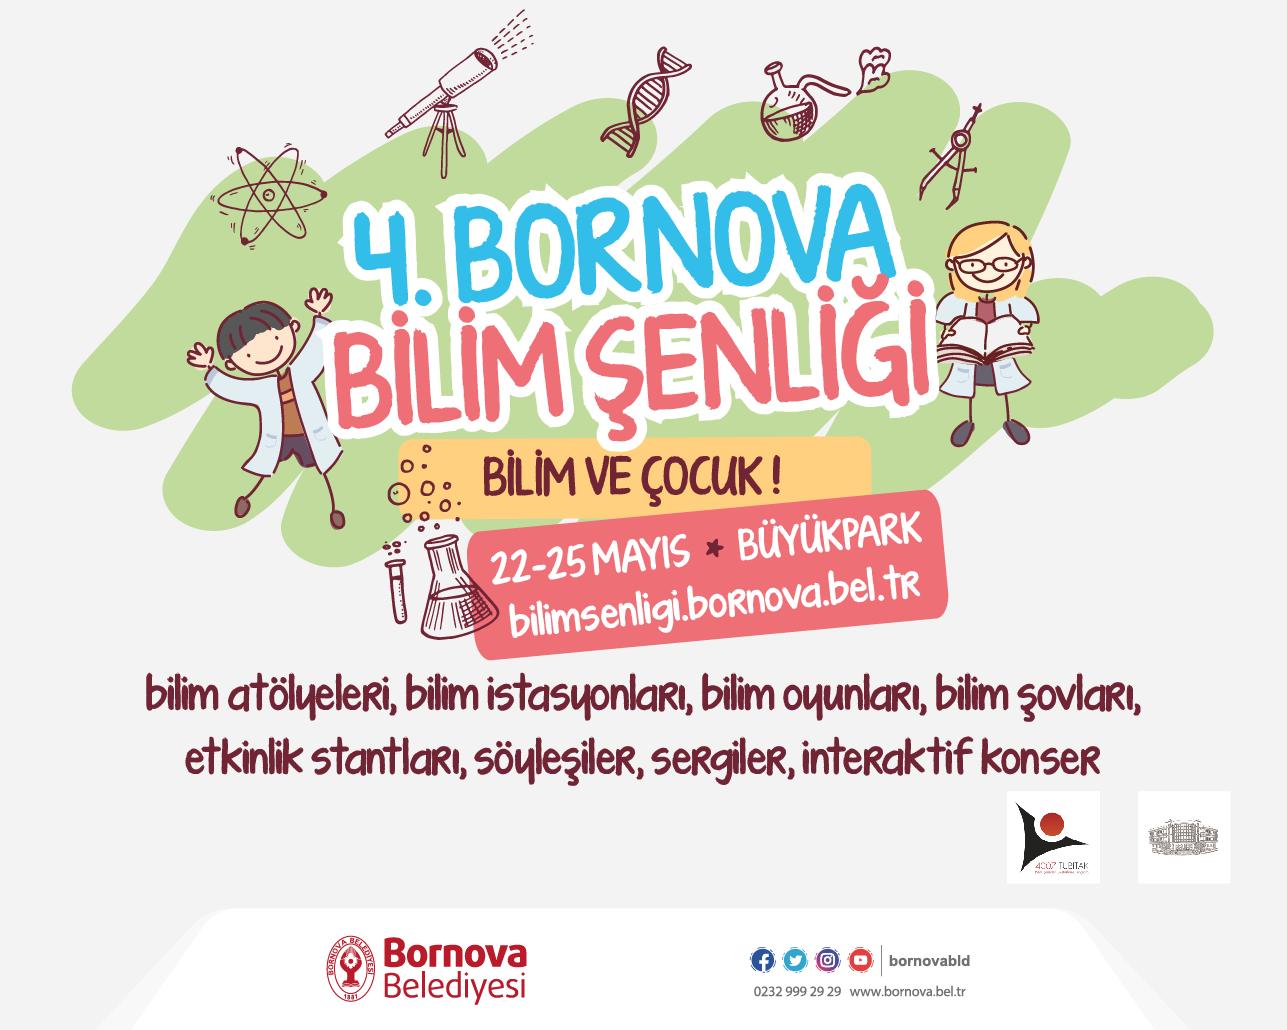 Bornova Belediyesi Bilim Şenliği 22-25 Mayıs tarihleri arasında gerçekleştirilecek